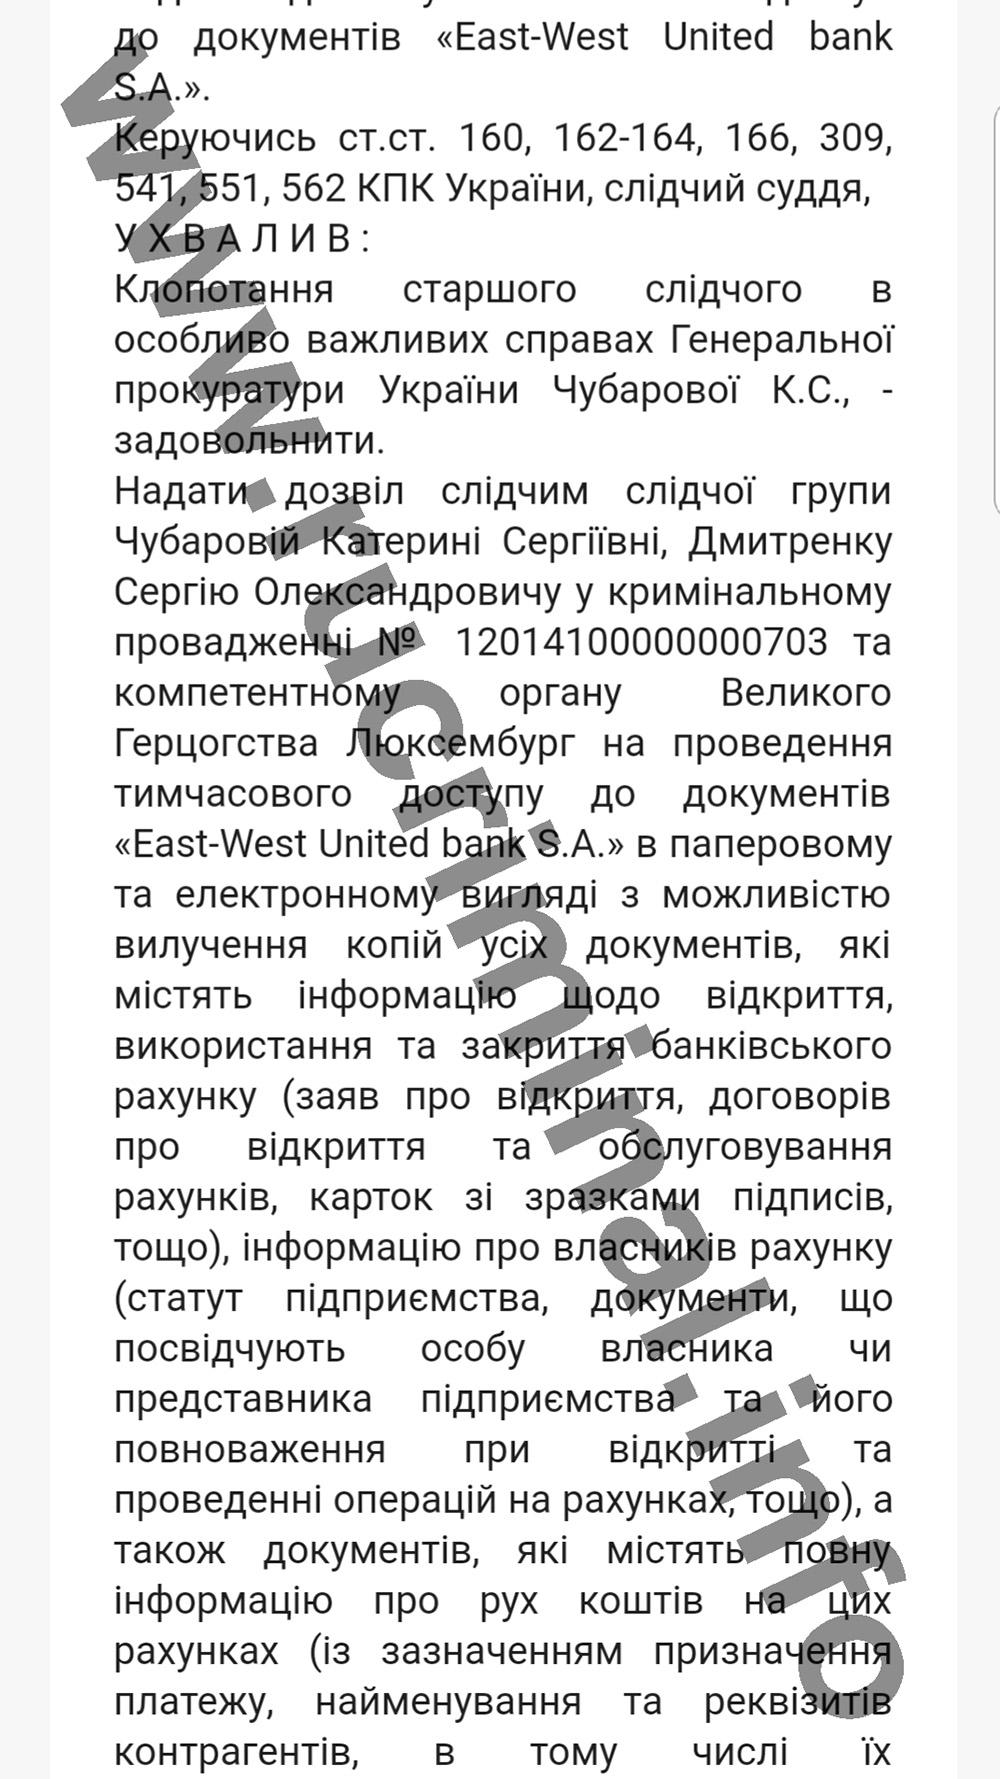 Украинский пылесос Владимира Евтушенкова на благо Системы